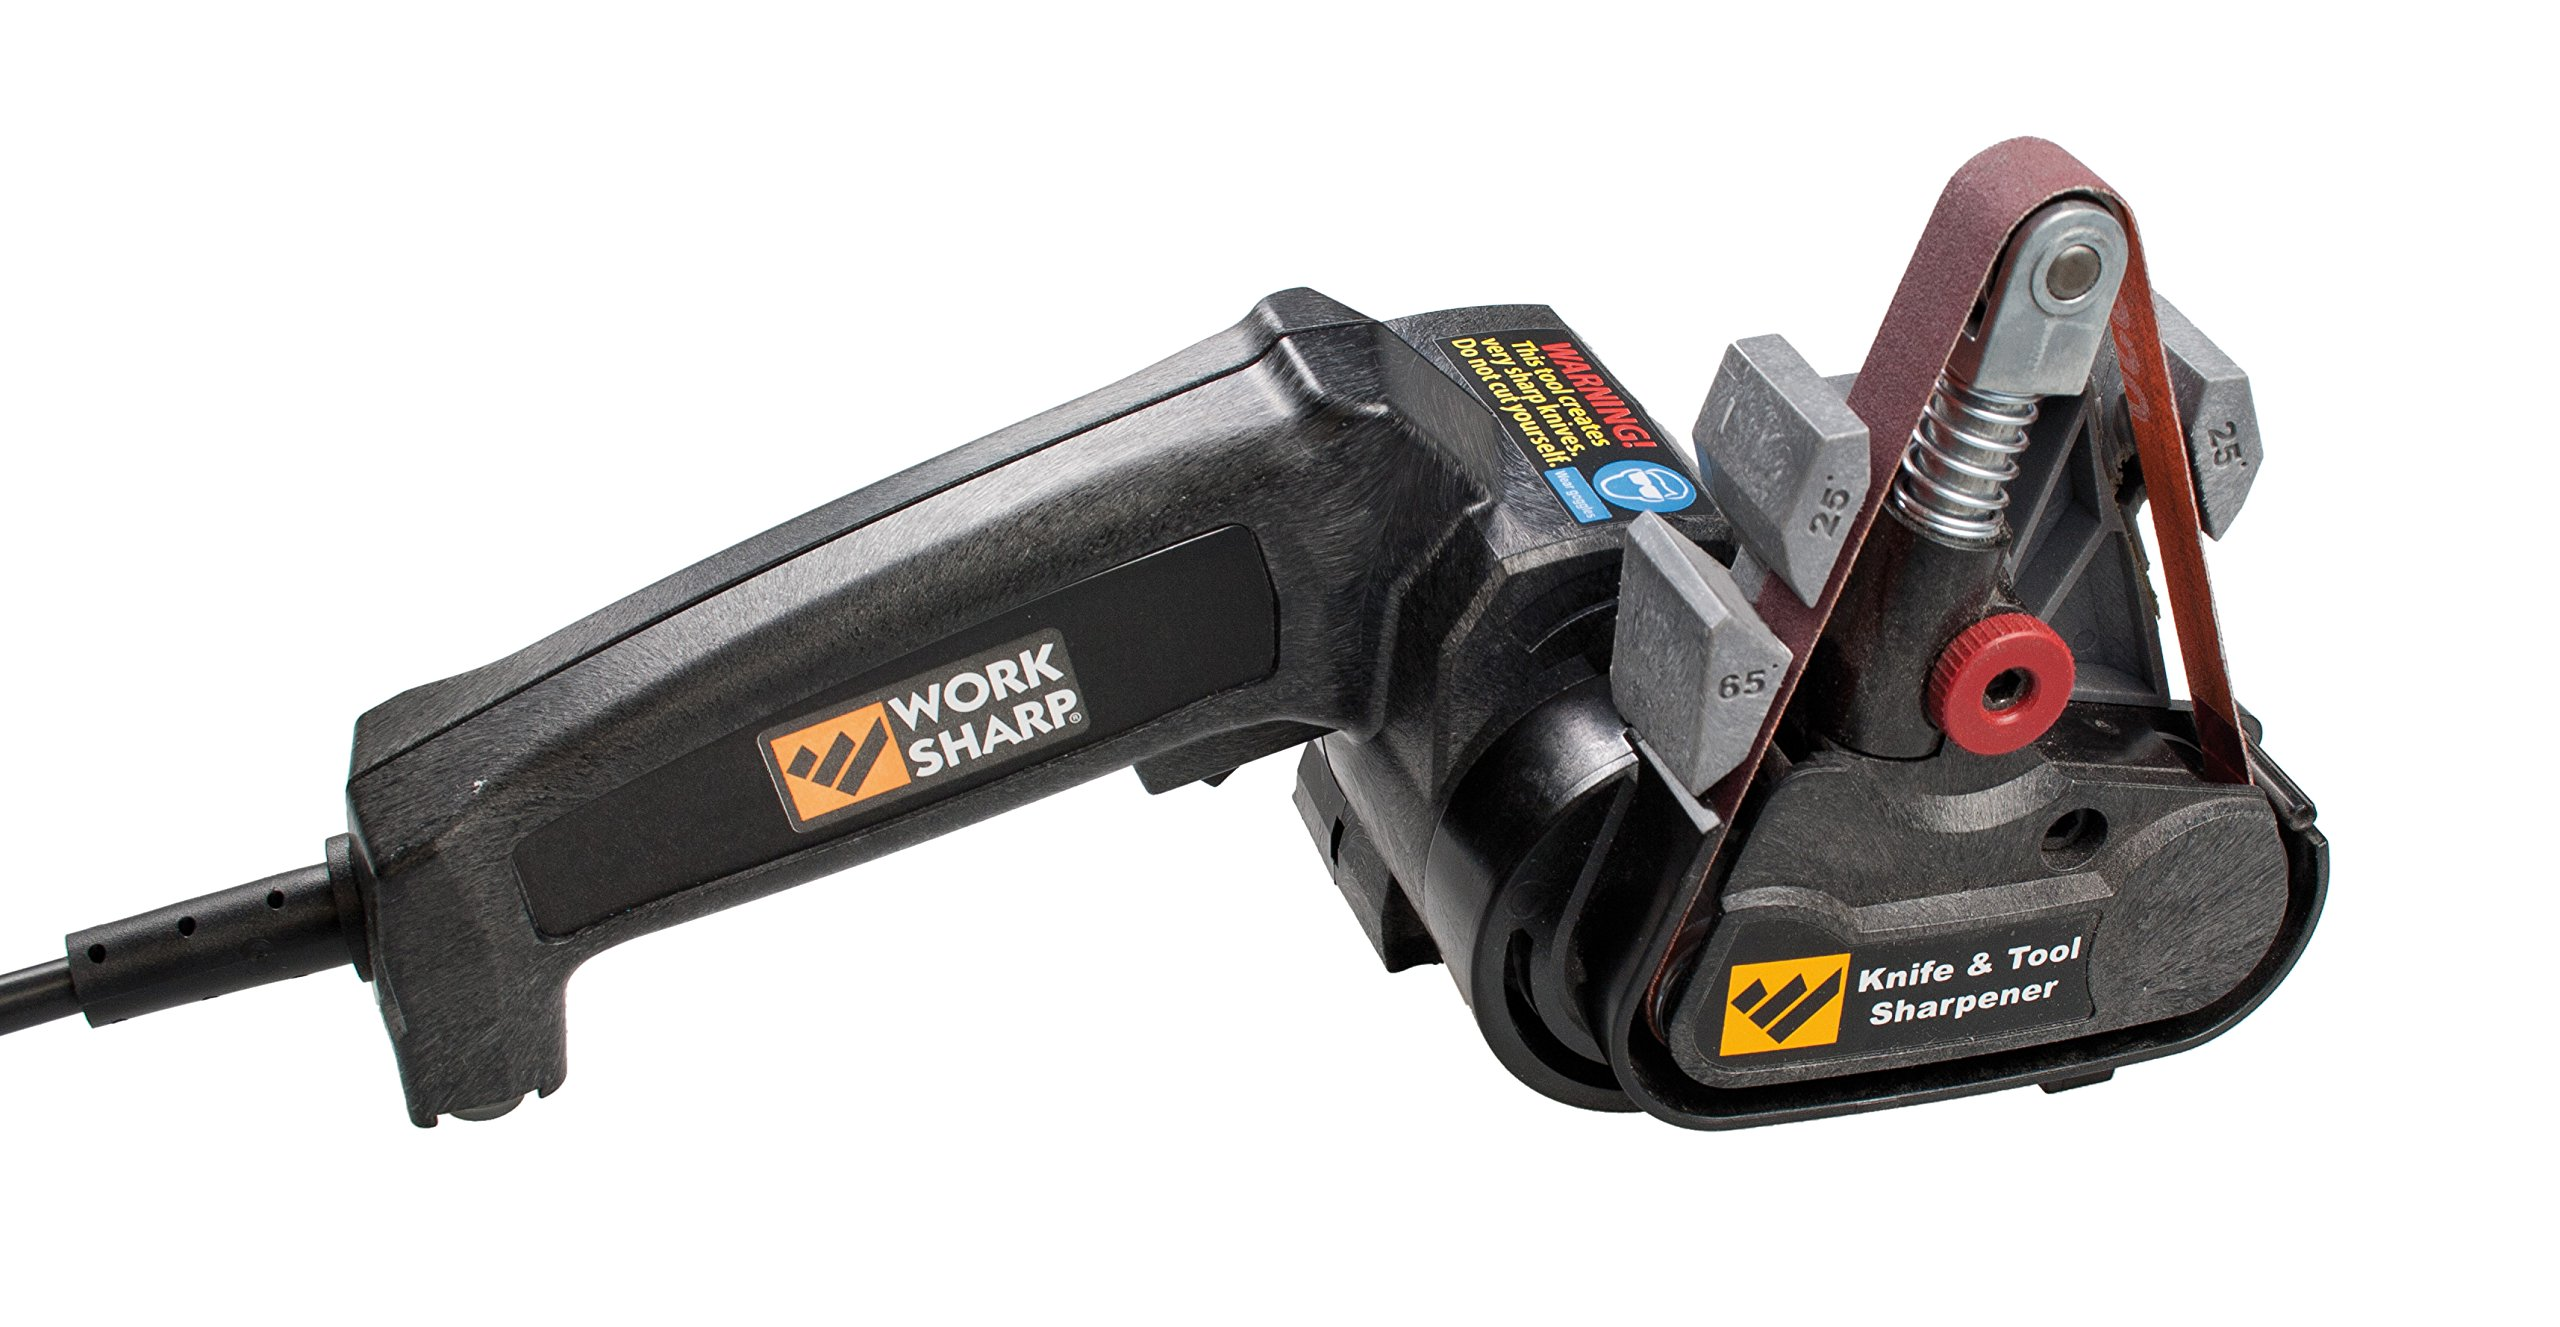 BOKER 09DX003 Work Sharp Knife & Tool Sharpener